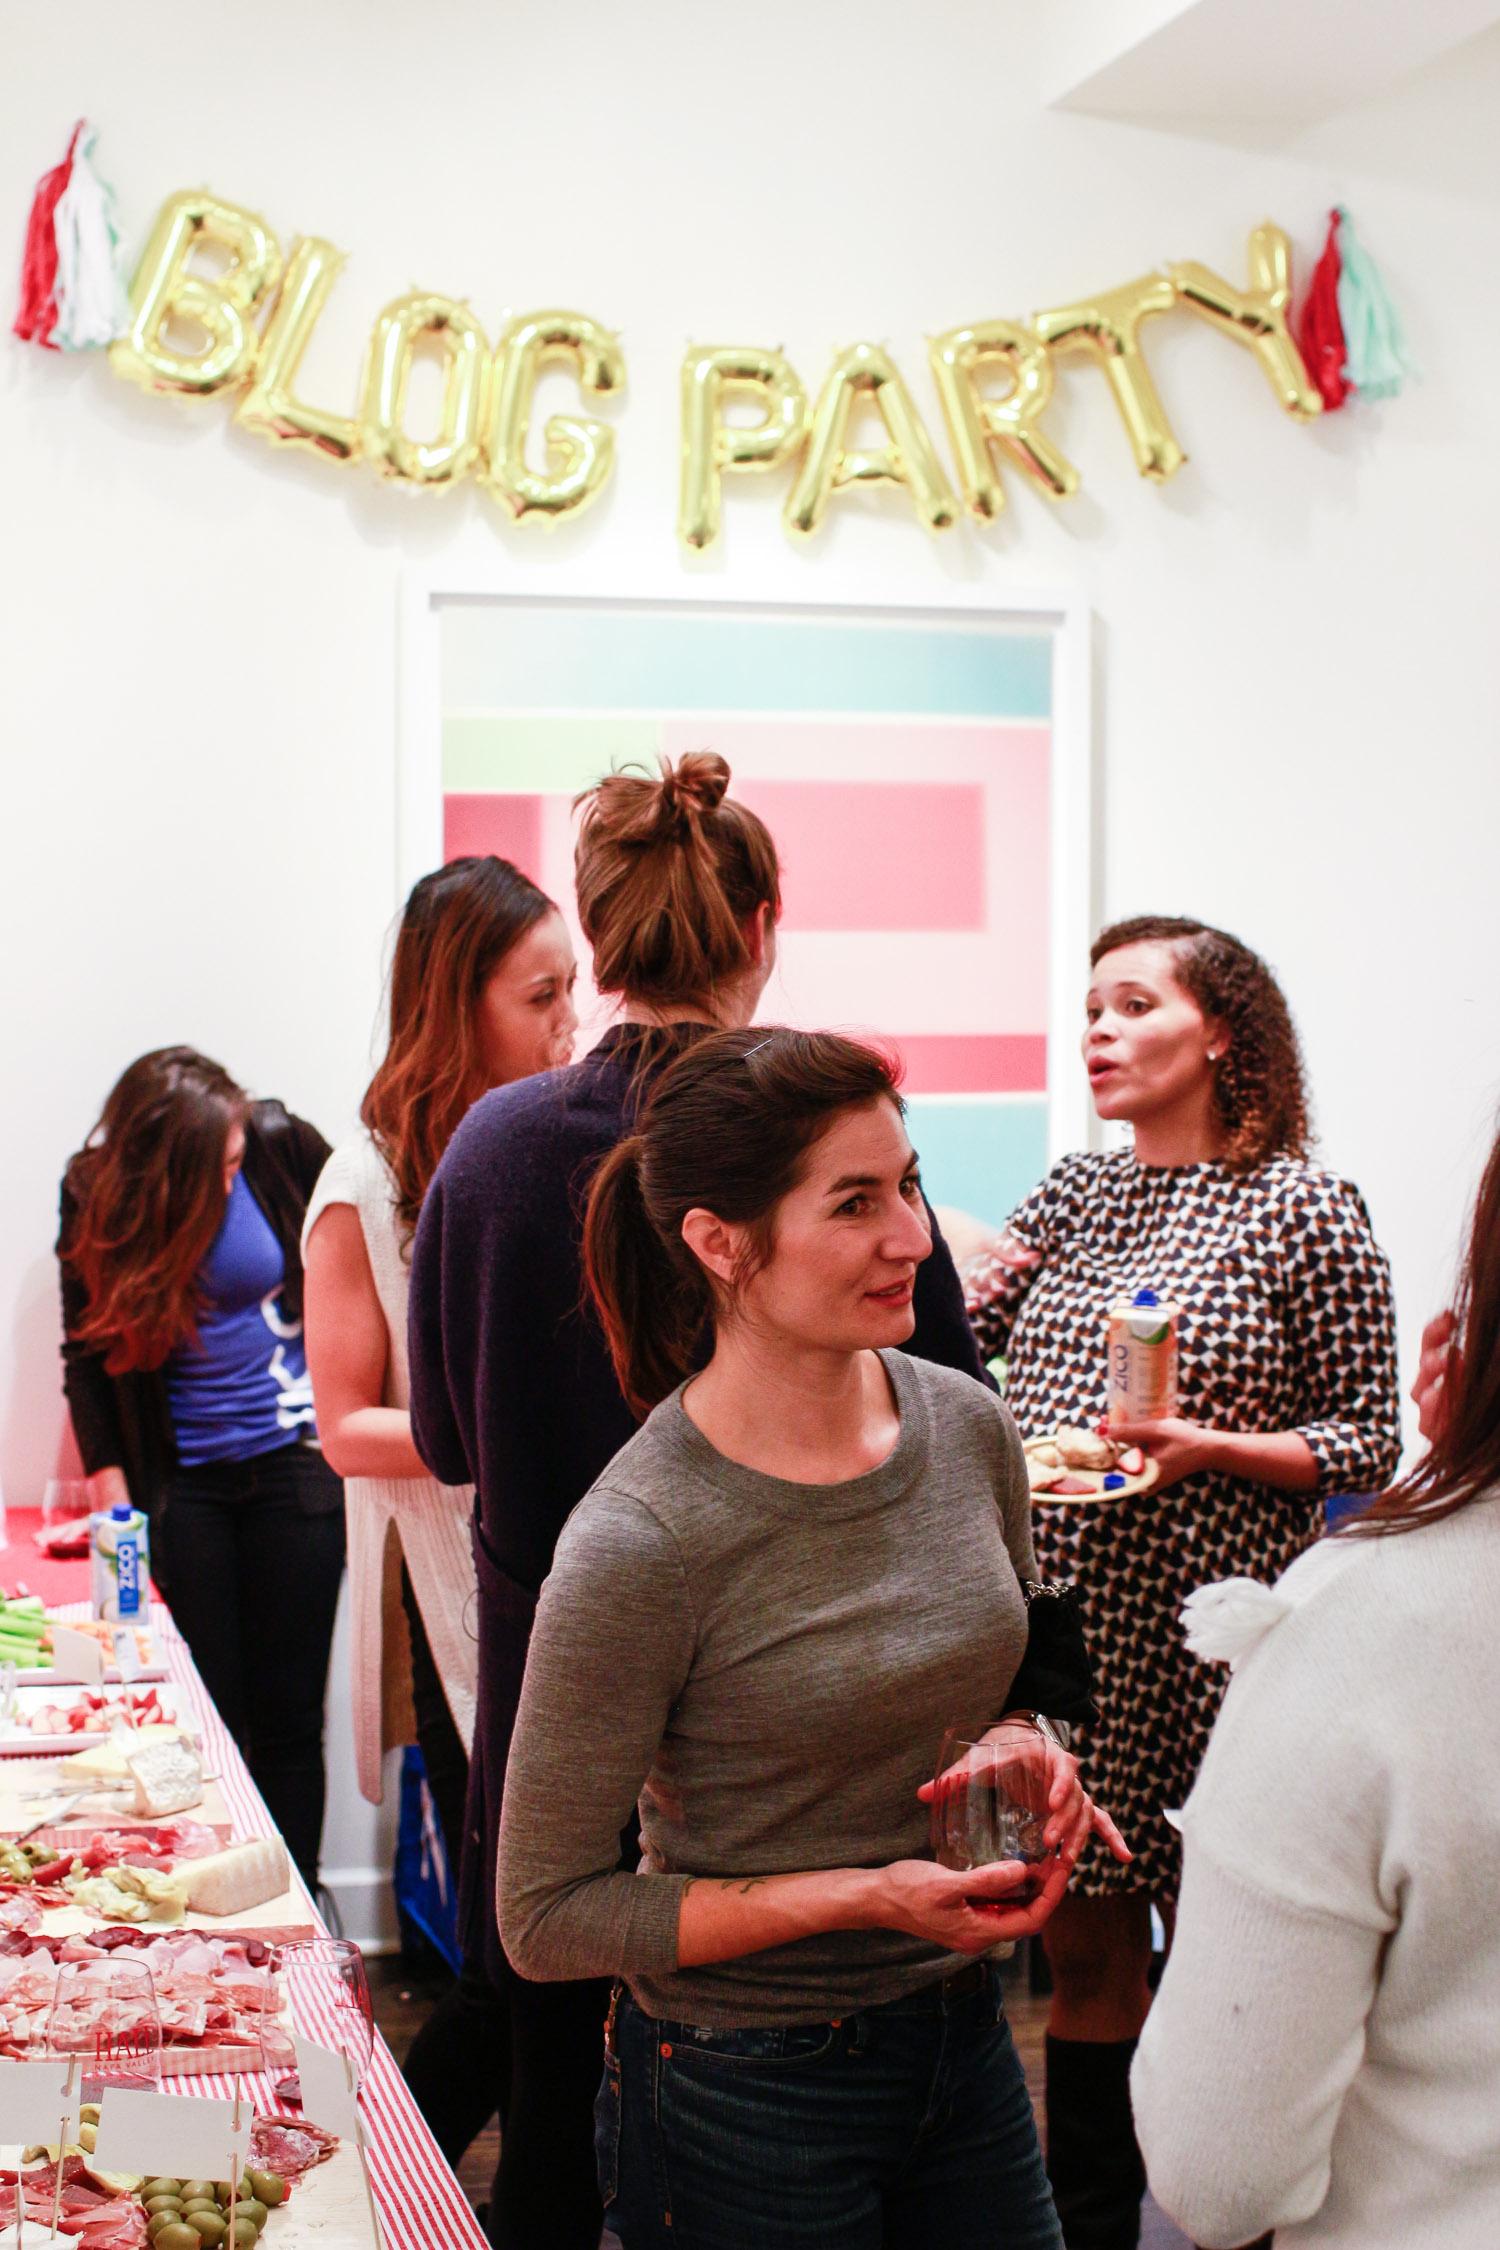 blog-party-britco-96.jpg